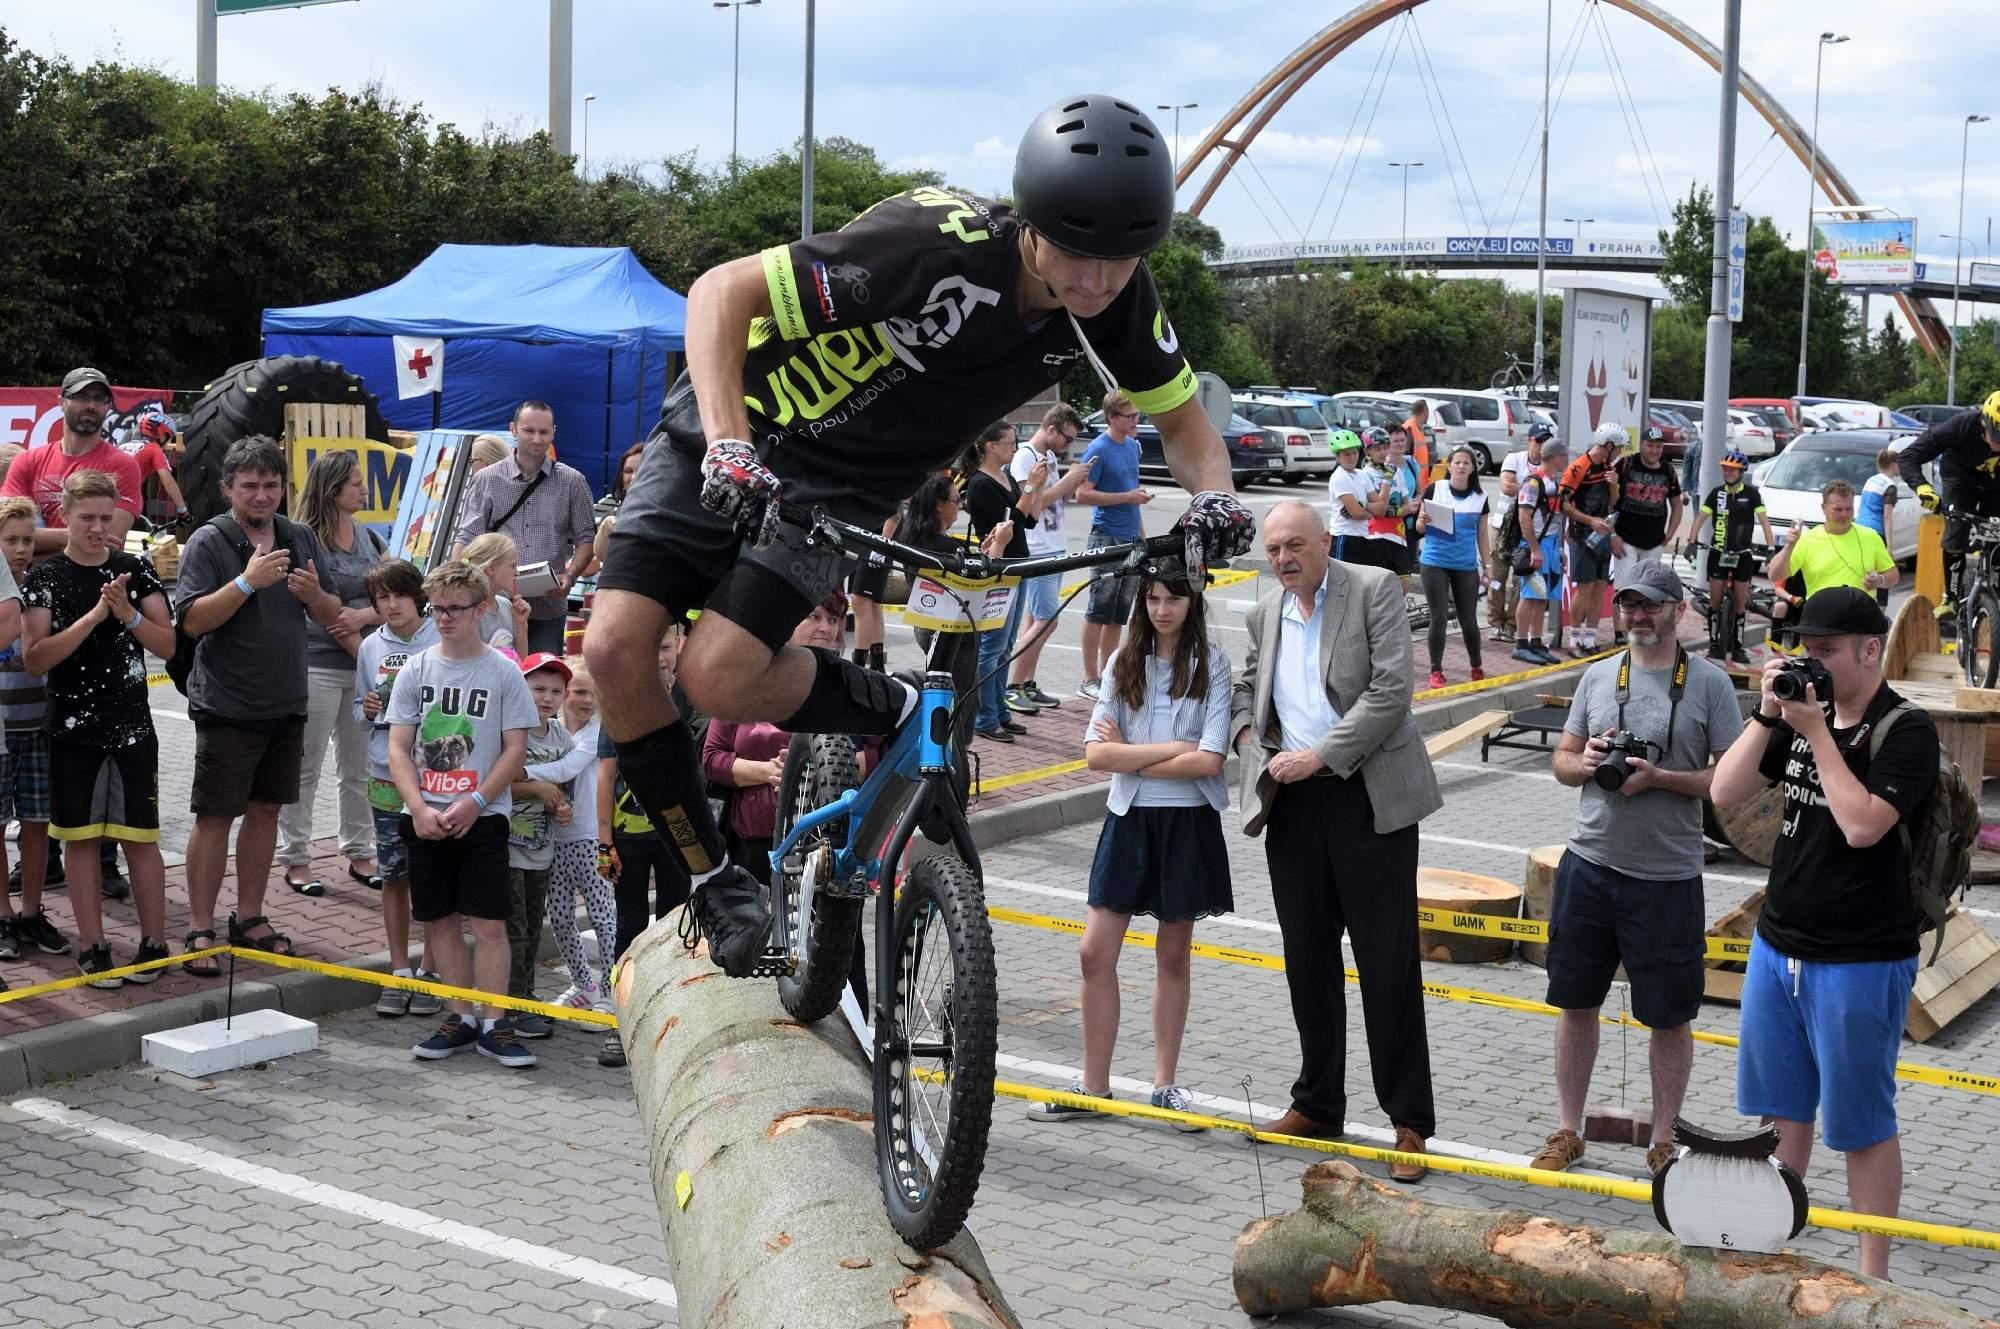 Èeského poháru v cyklotrialu v Praze - 2017